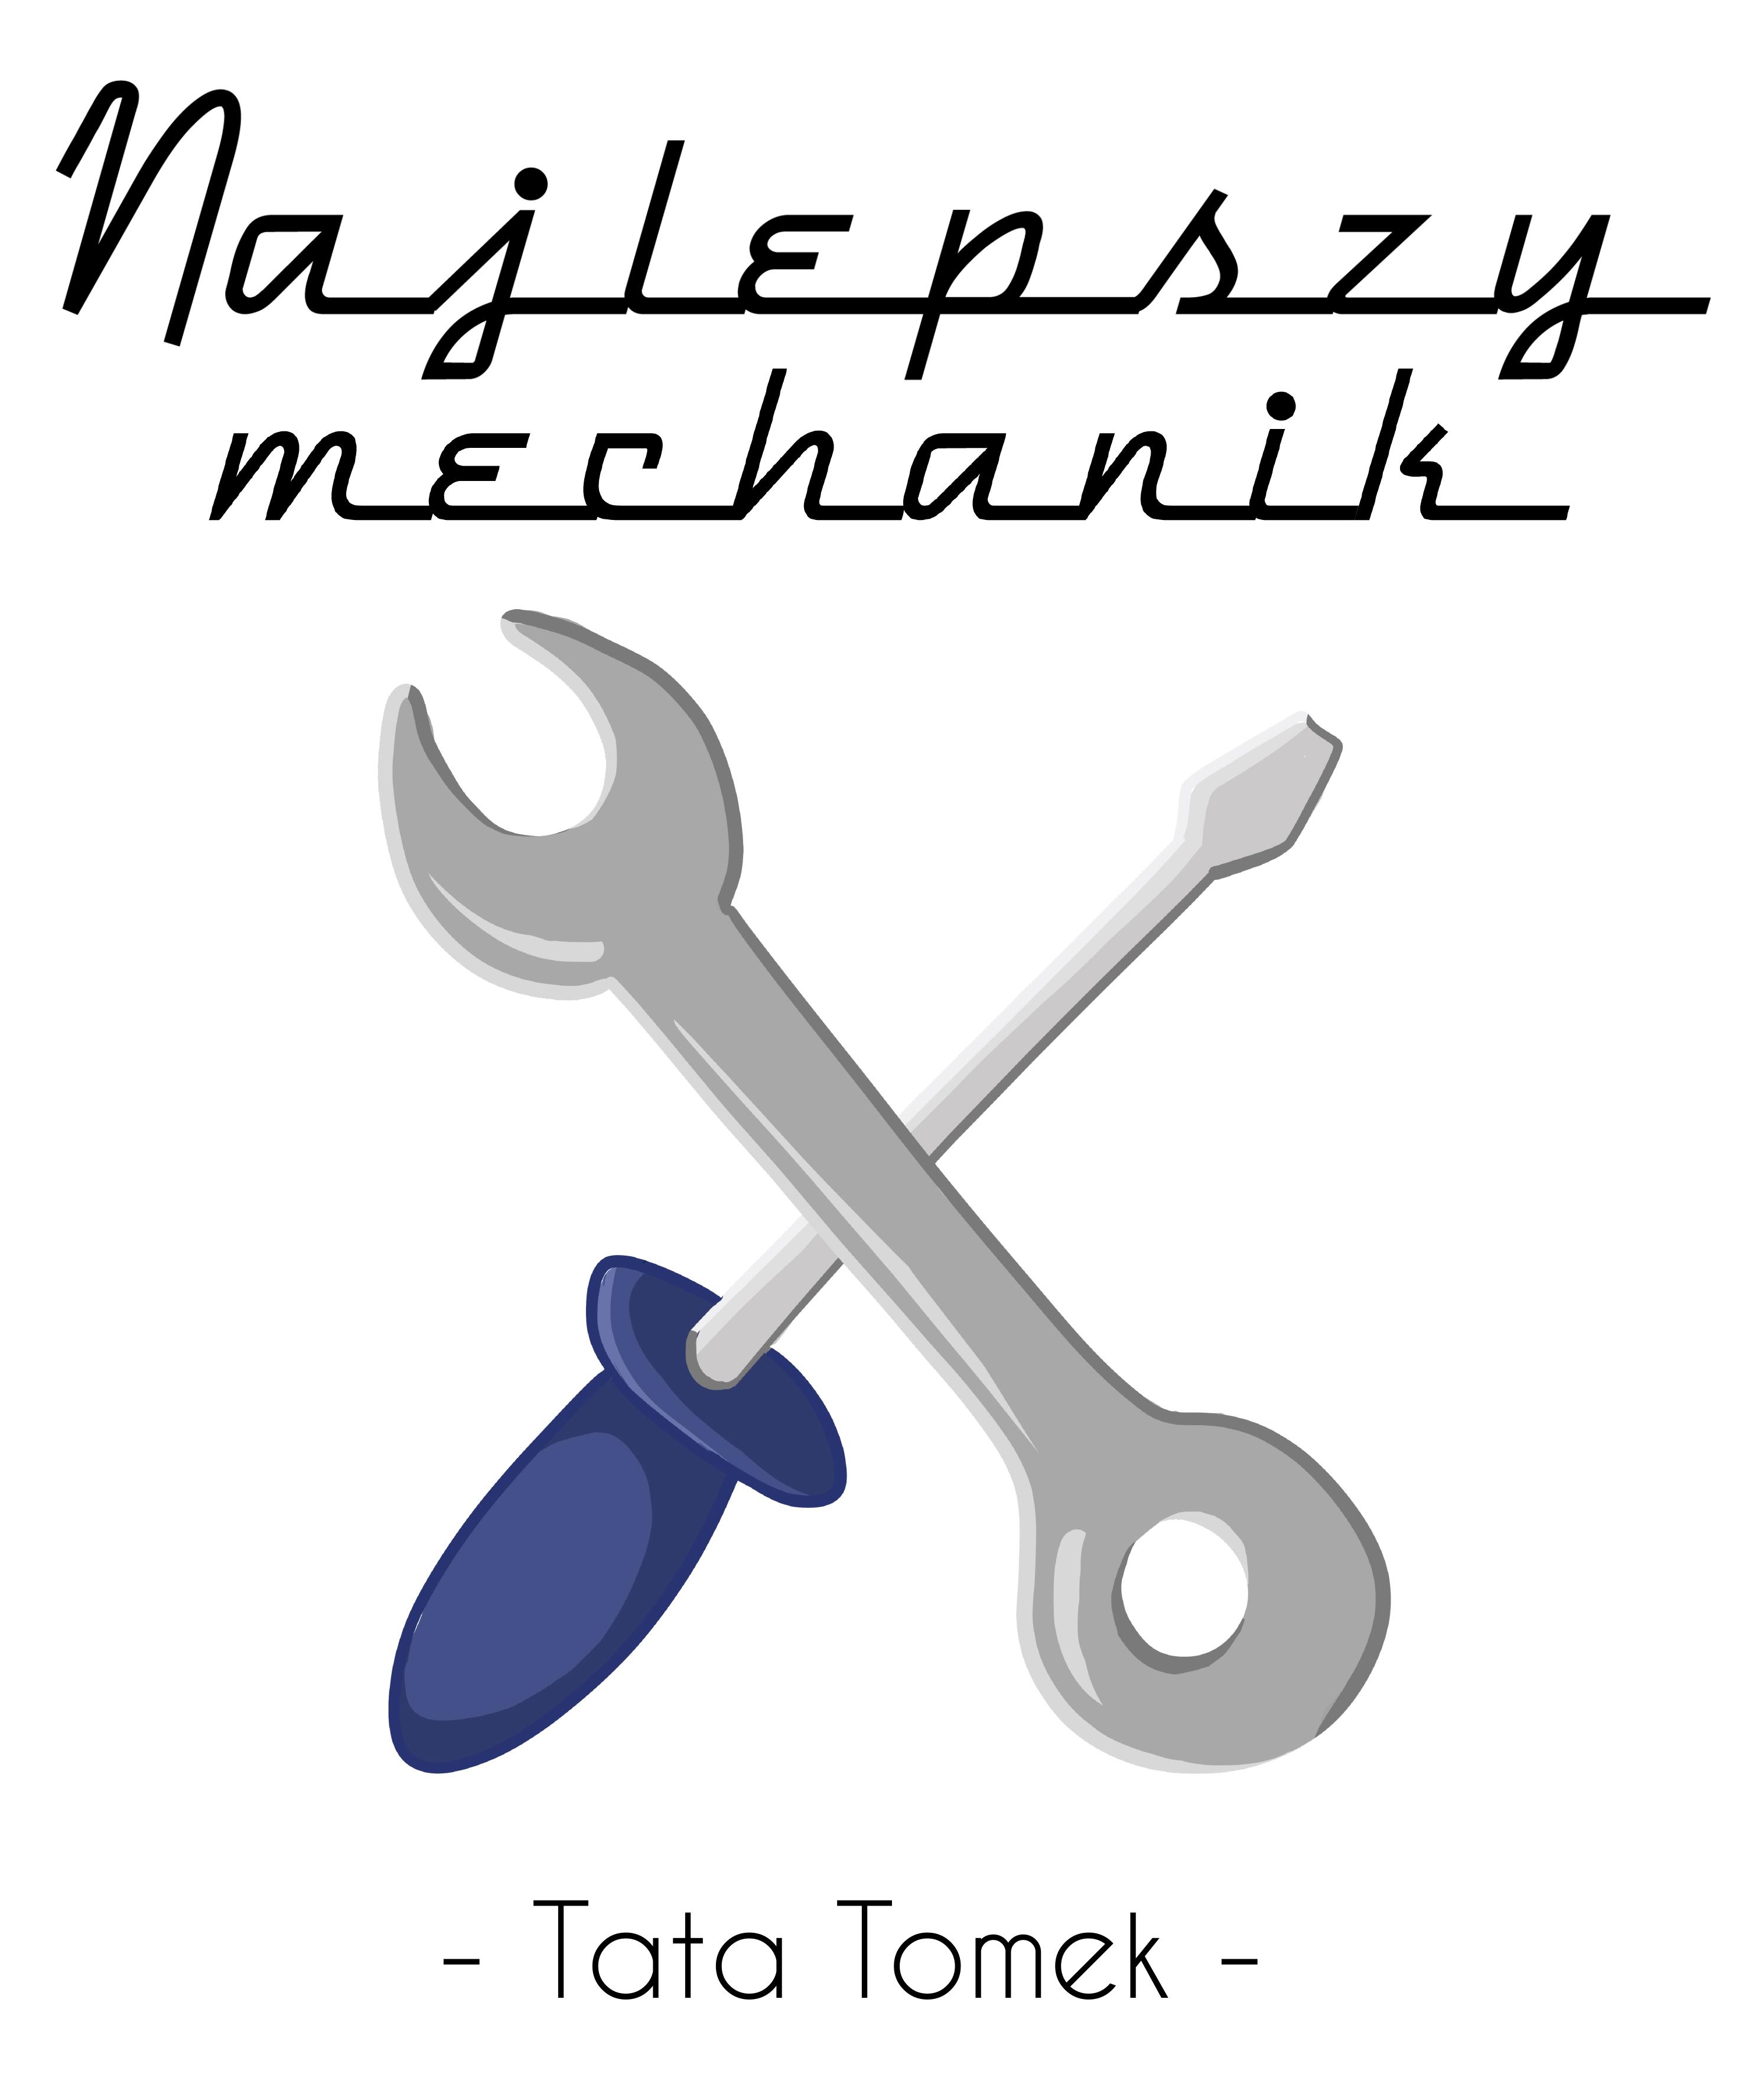 Rozmiar XXL - koszulka męska z własnym nadrukiem dla taty - Najlepszy mechanik - biała